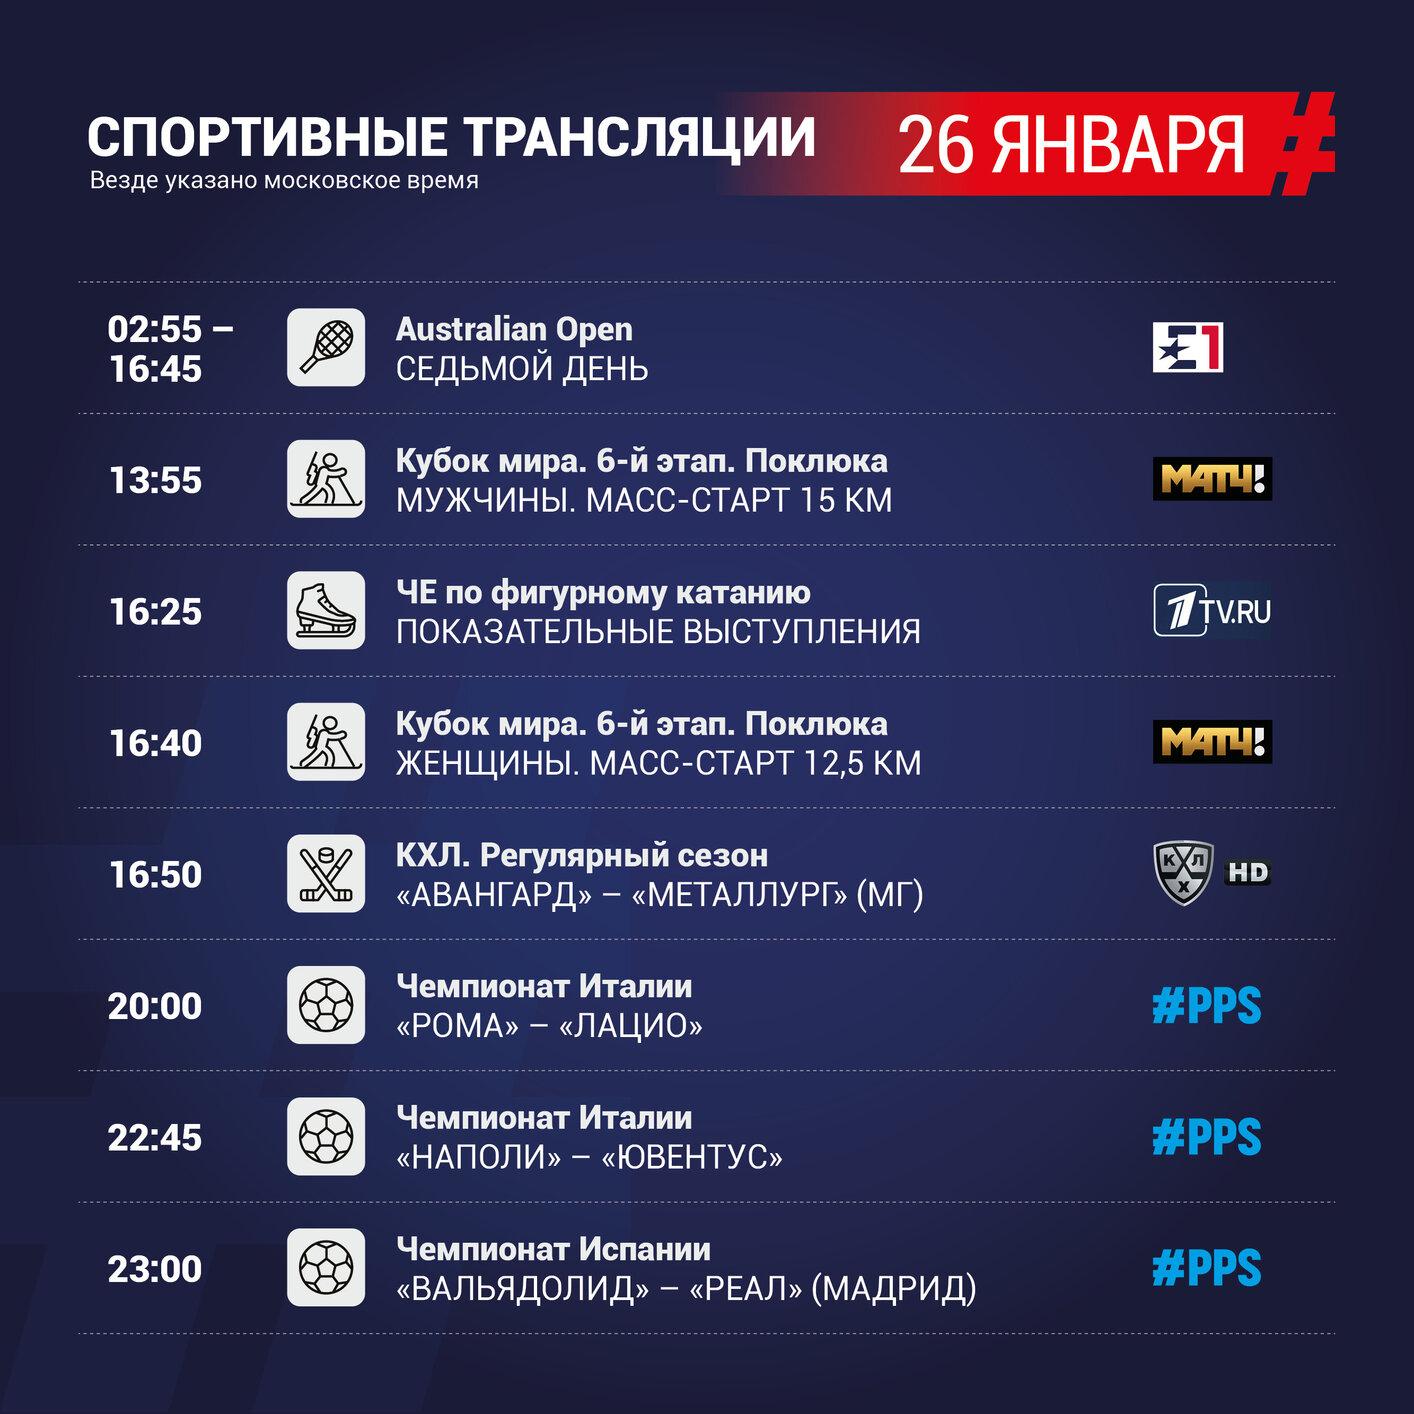 Спортивная телепрограмма Матч ТВ на 26 января